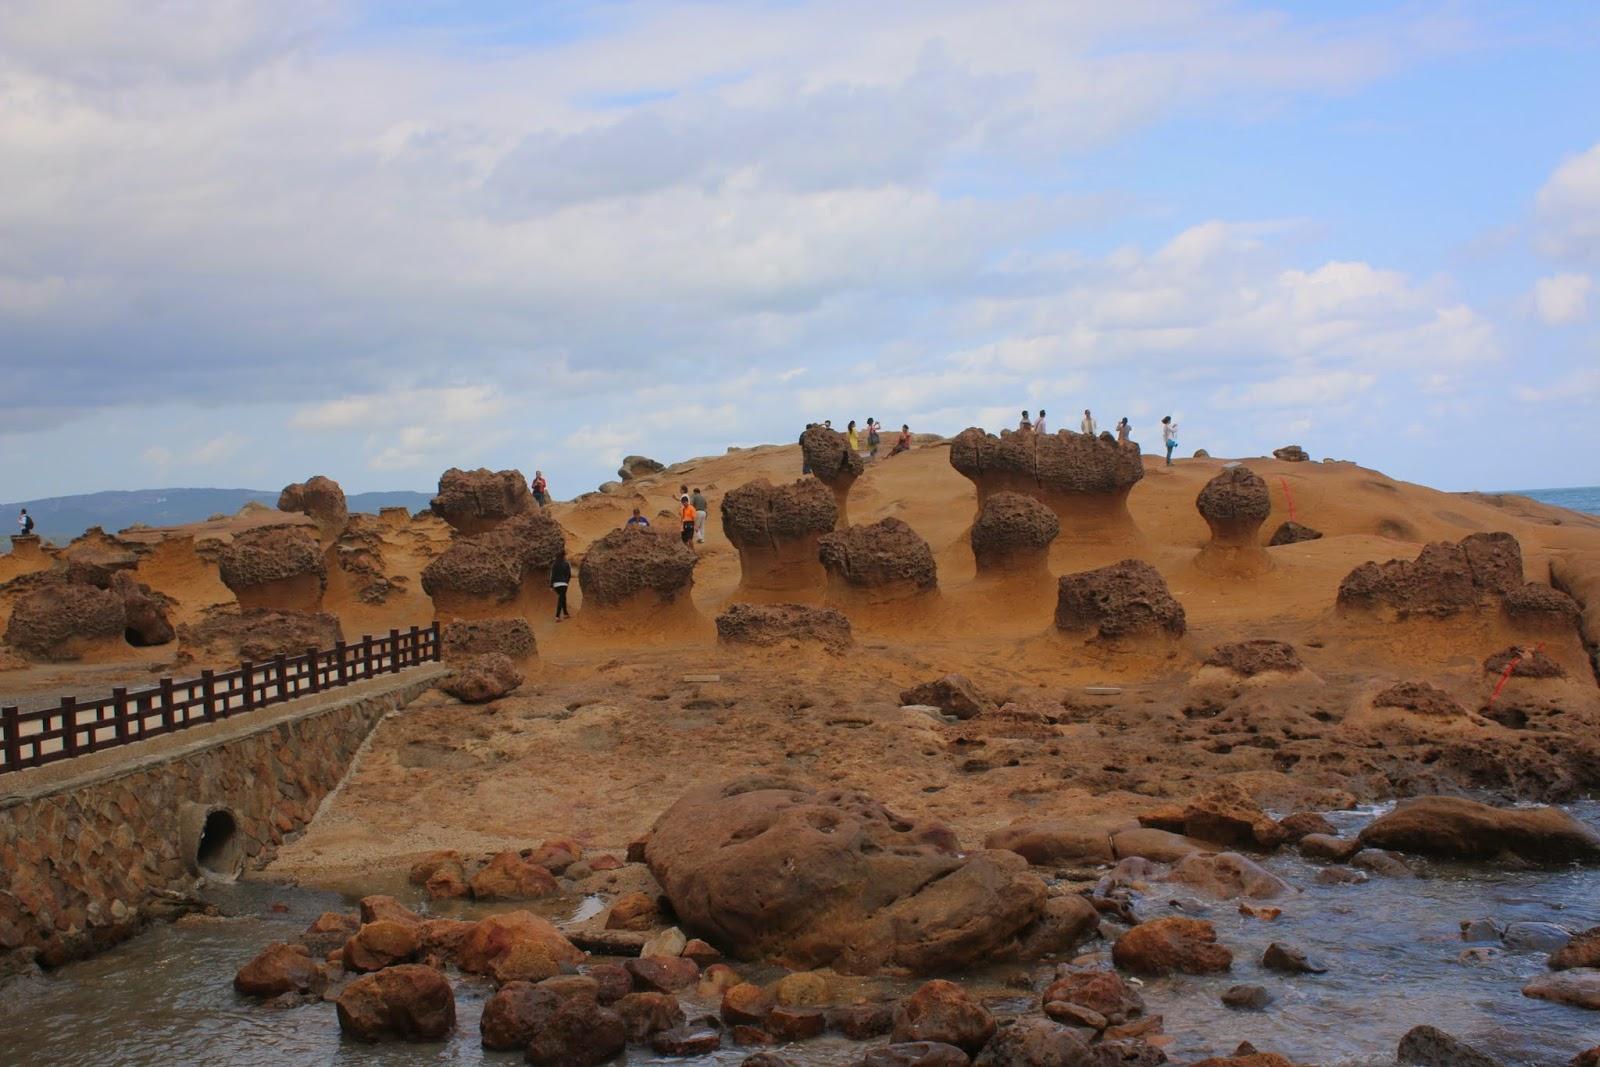 Những khối đá có những hình thù rất độc đáo và có những cái tên rất gần gũi